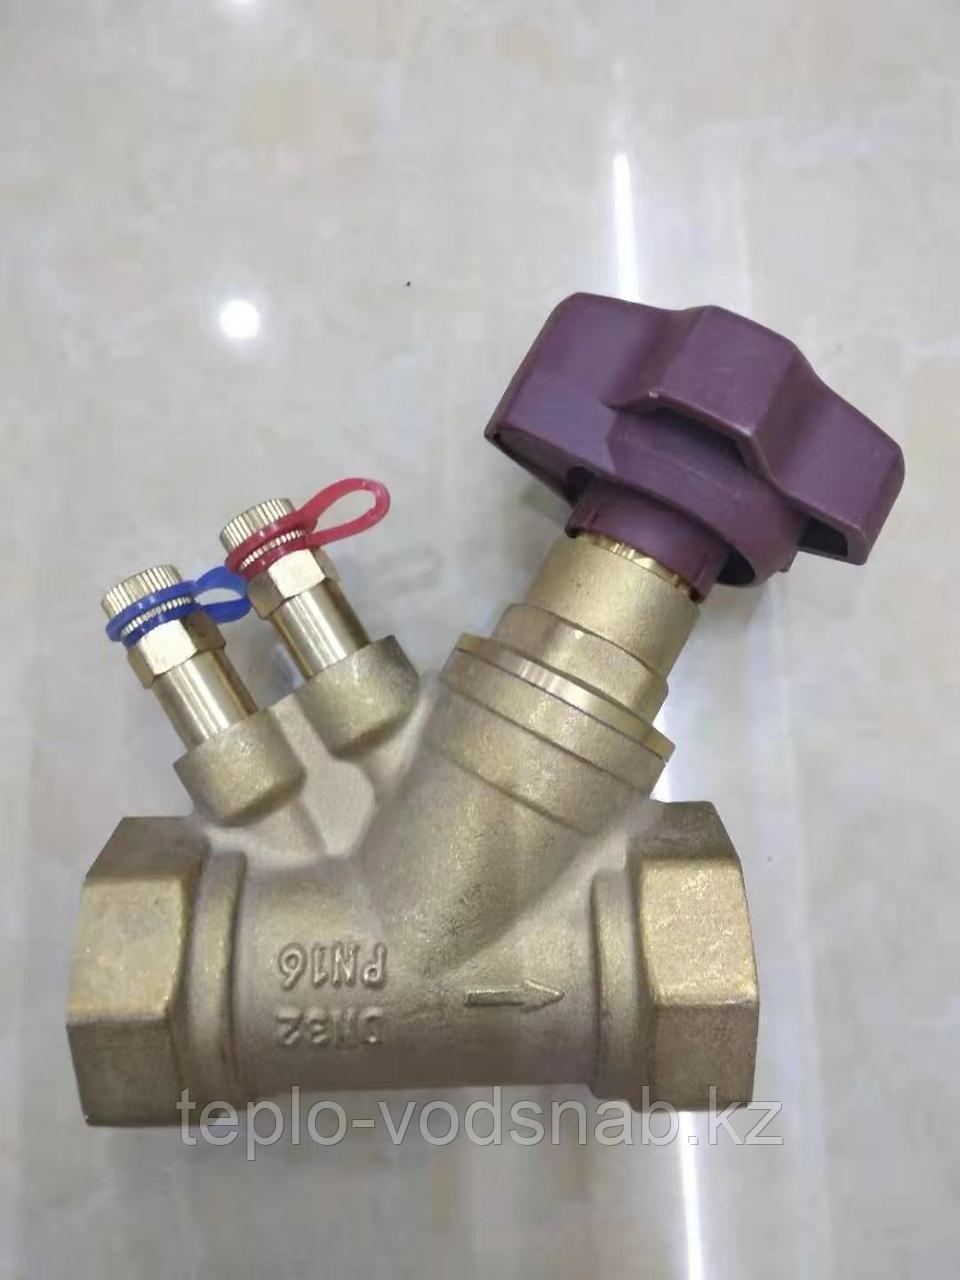 Клапан балансировочный Ду25 с измерительными ниппелями